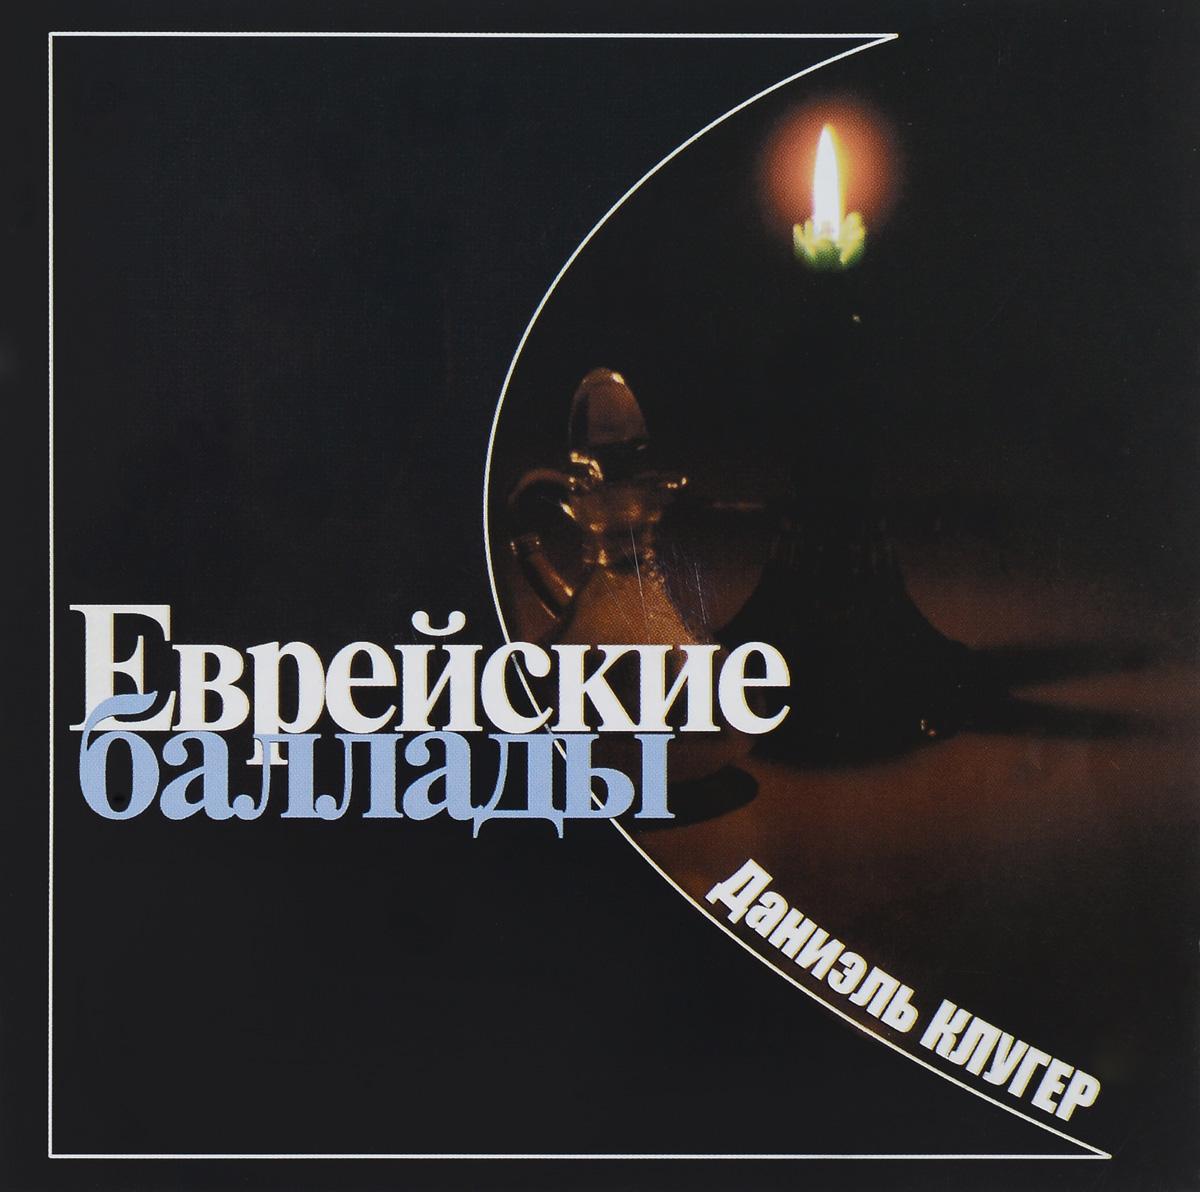 Даниэль Клугер. Еврейские баллады 2004 Audio CD